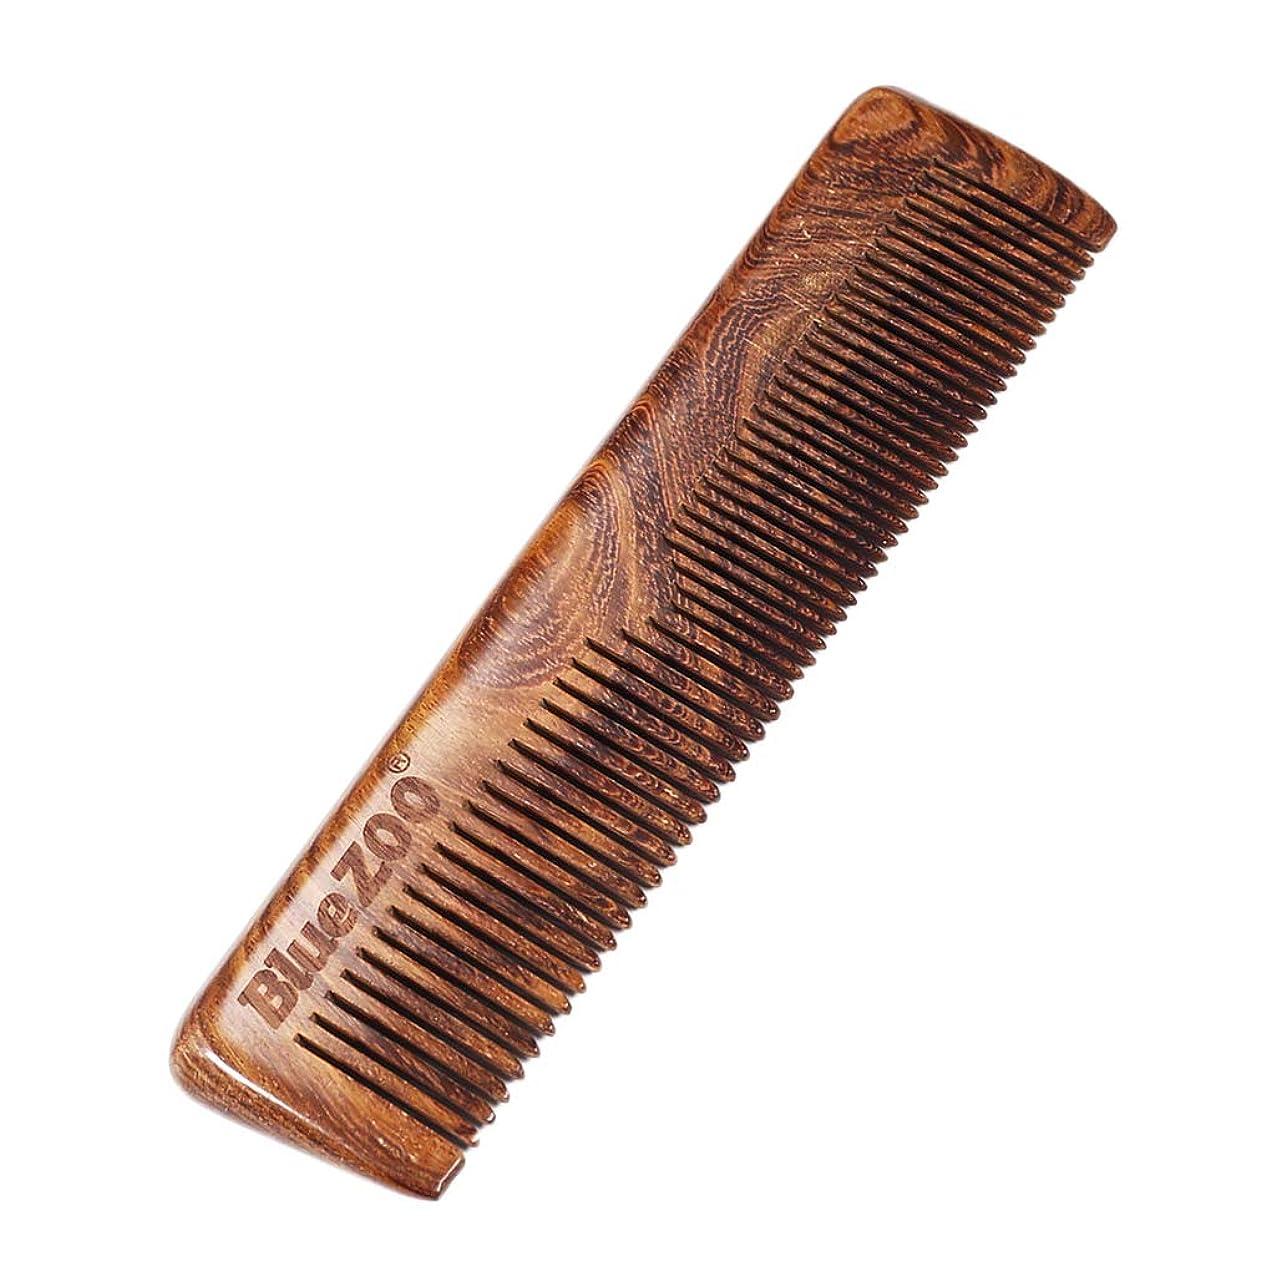 アクチュエータしないでください研磨P Prettyia ポータブル 木製櫛 ウッドコーム 帯電防止 ビアードコーム プレゼント